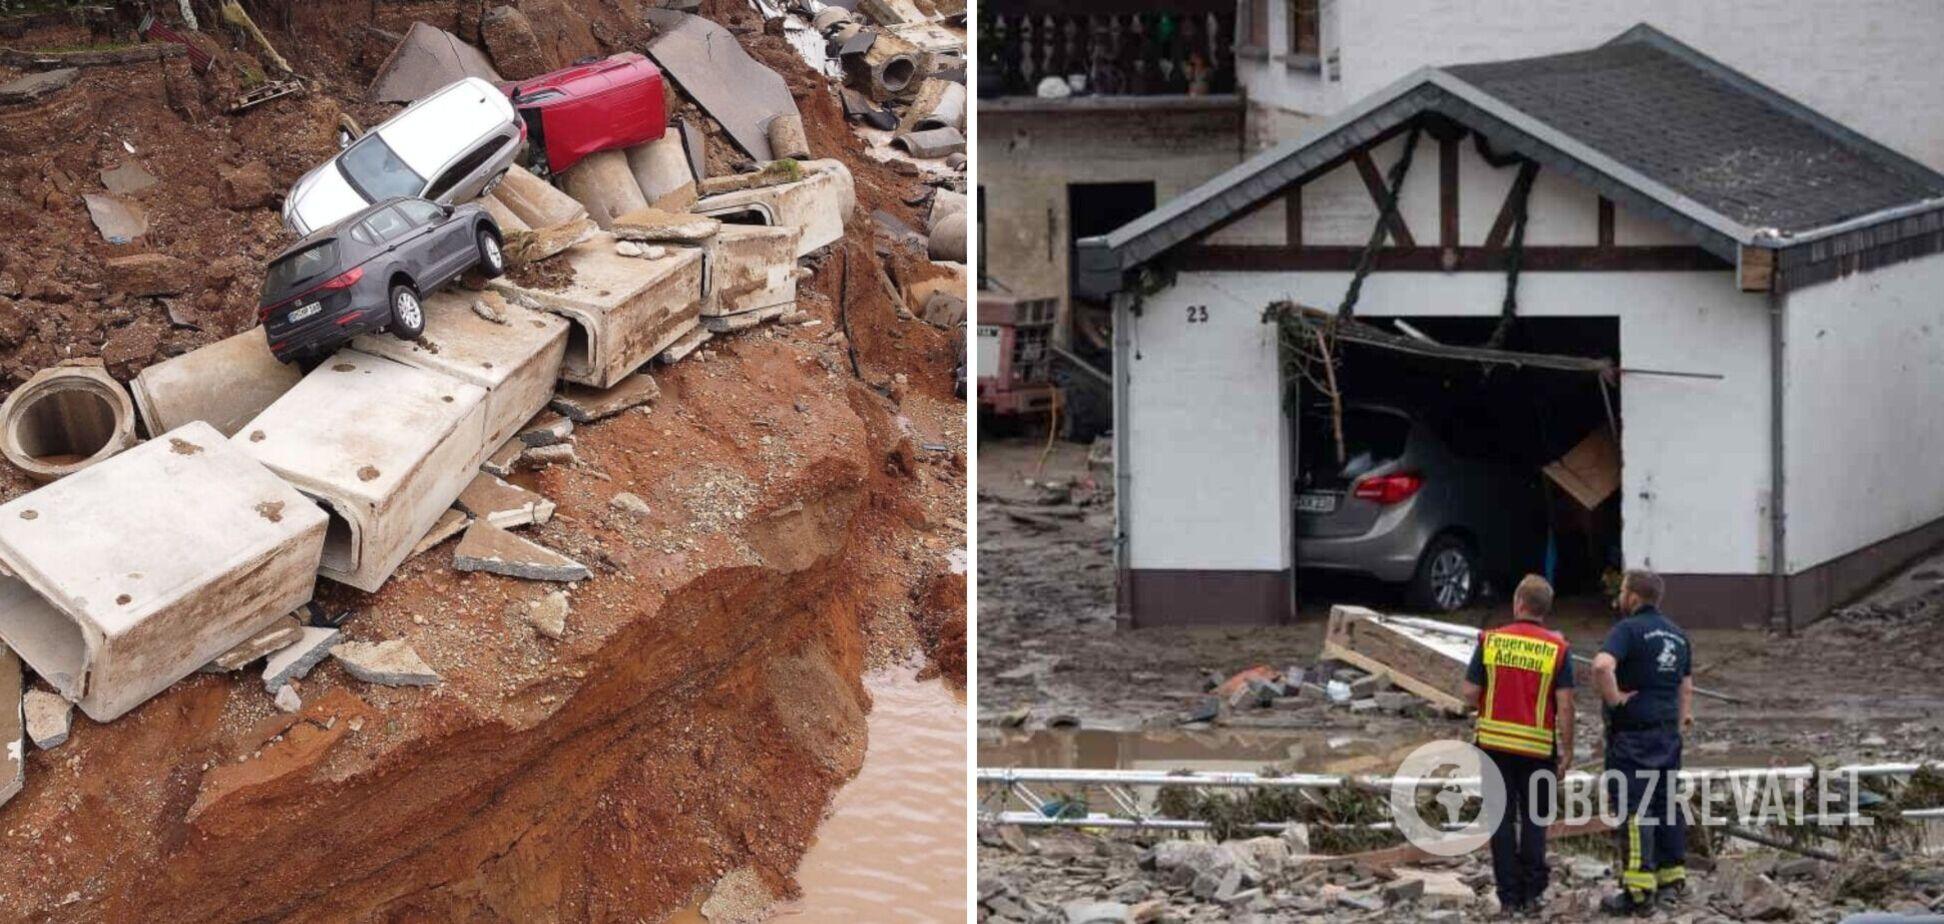 В Германии увеличилось число жертв из-за разрушительного наводнения. Фото и видео